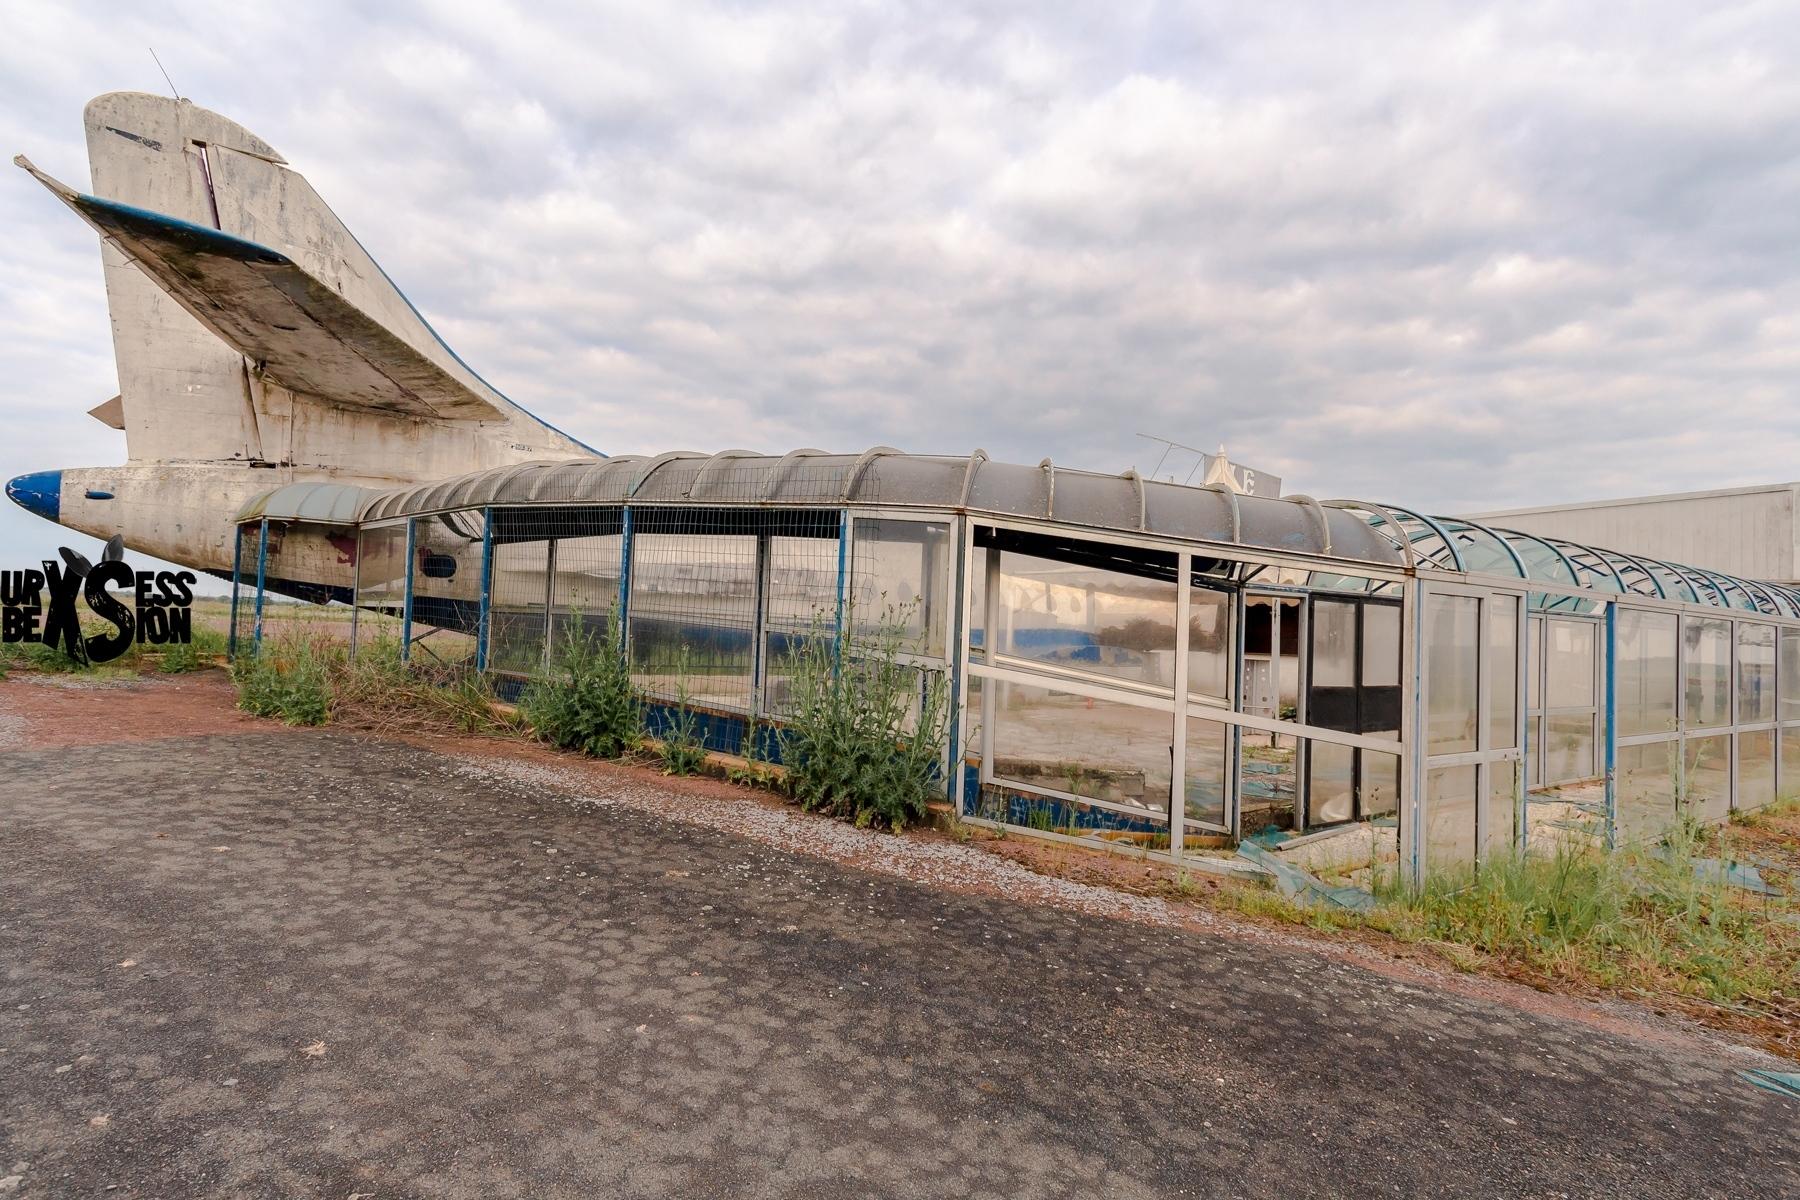 Discothèque abandonnée en France, La Taniere Express | urbexsession.com/af-447-discotheque | Urbex France